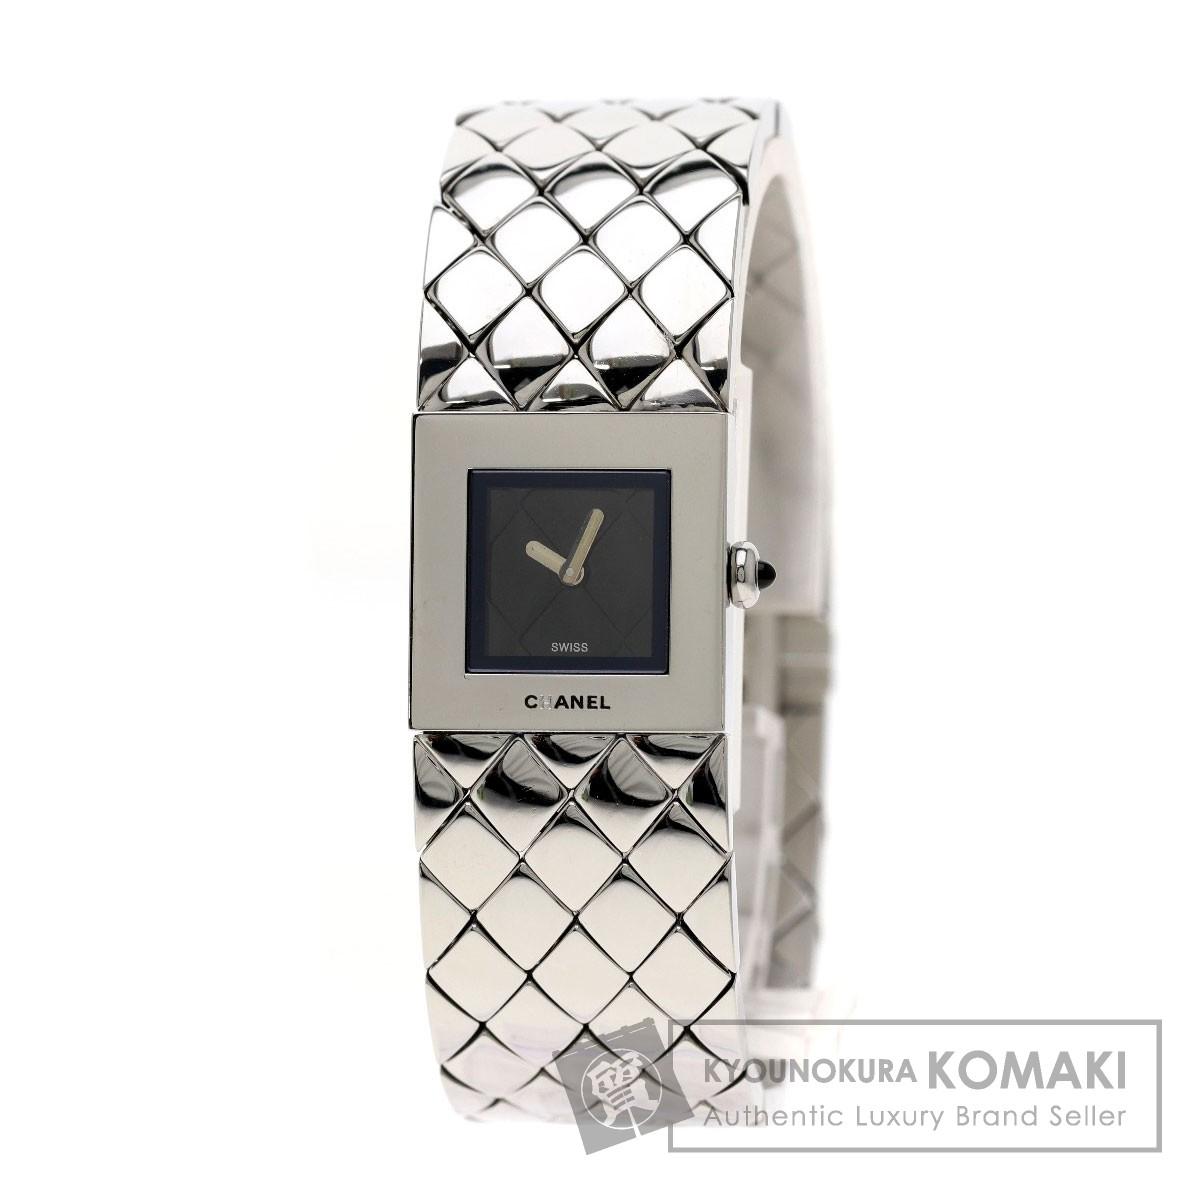 CHANEL H0009 マトラッセ 腕時計 ステンレス レディース 【中古】【シャネル】